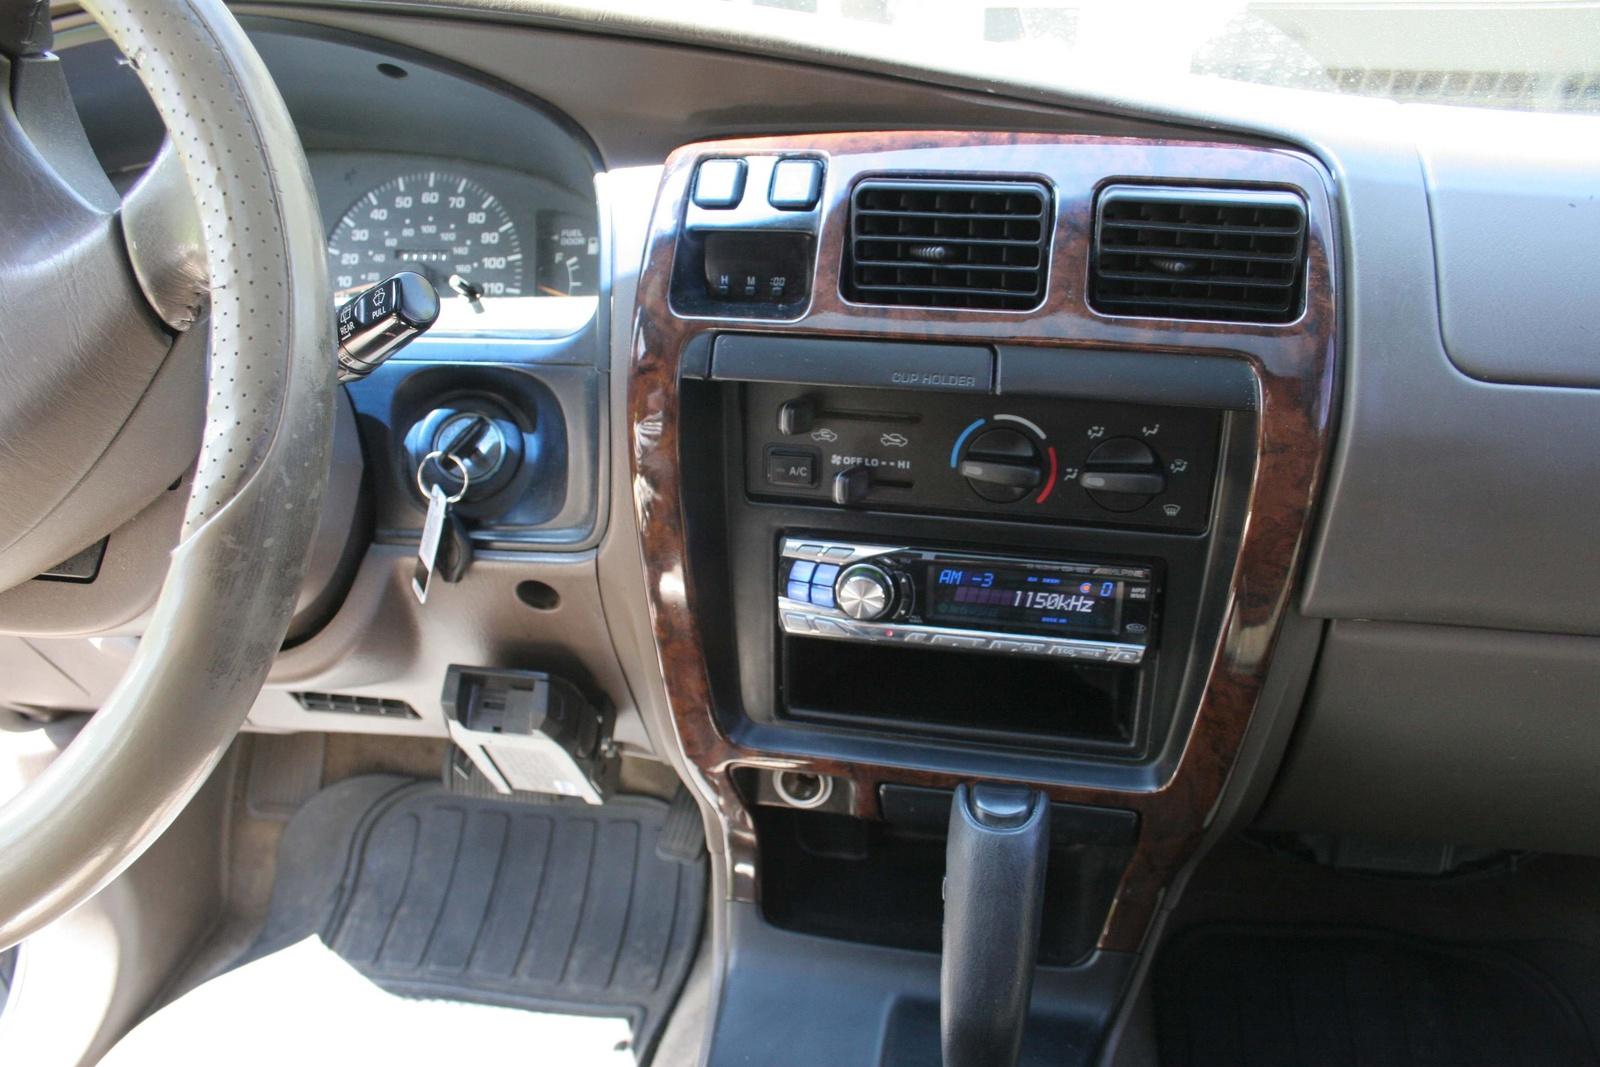 1998 Toyota 4runner Interior Pictures Cargurus